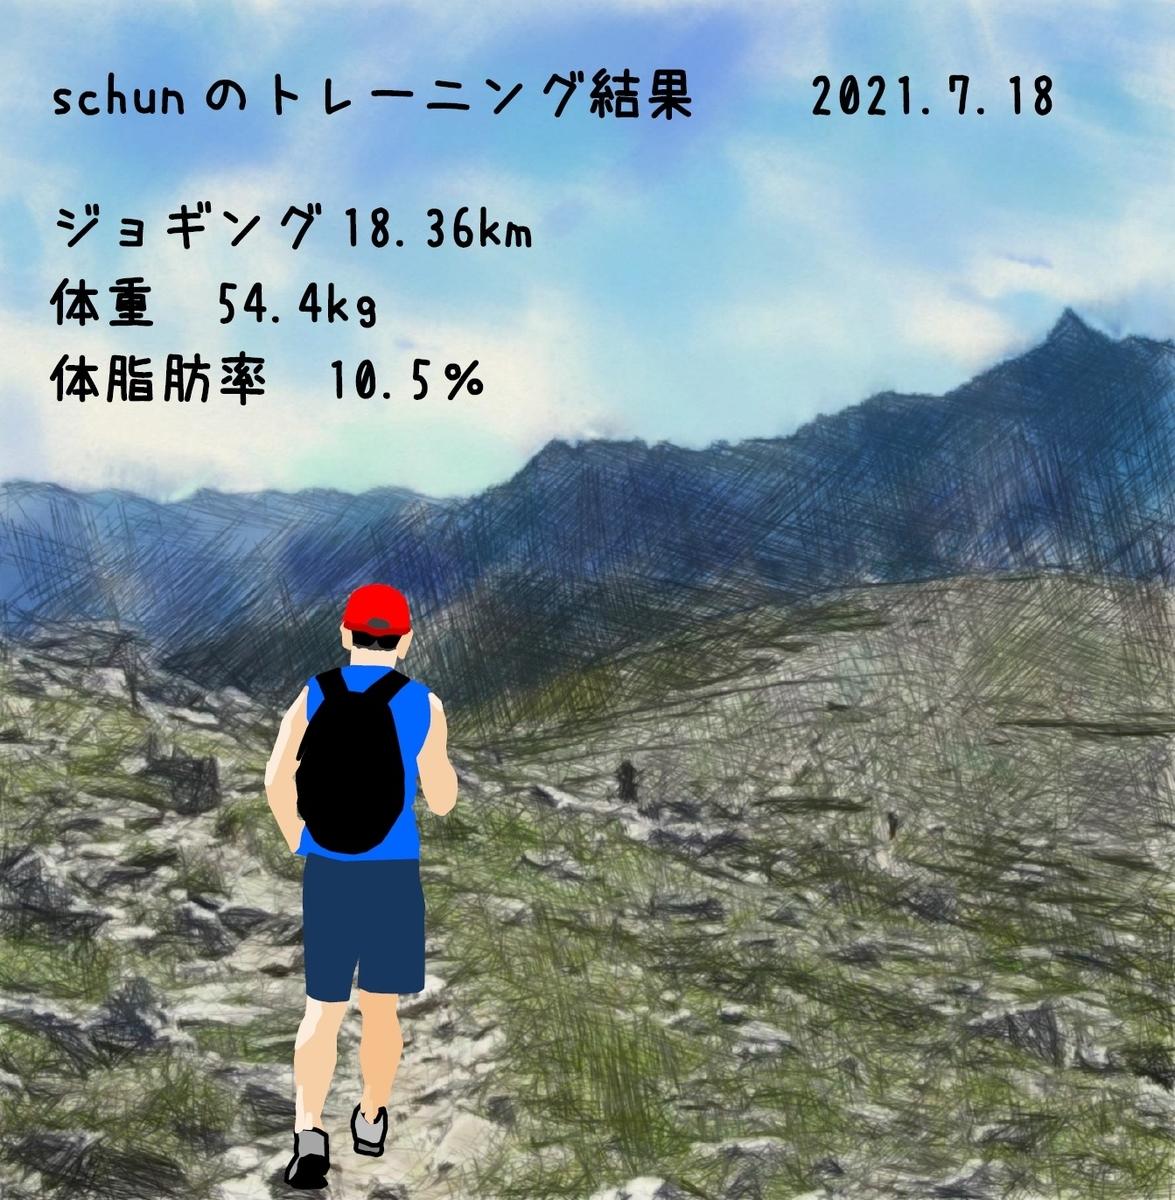 f:id:schunchi2007:20210718193931j:plain